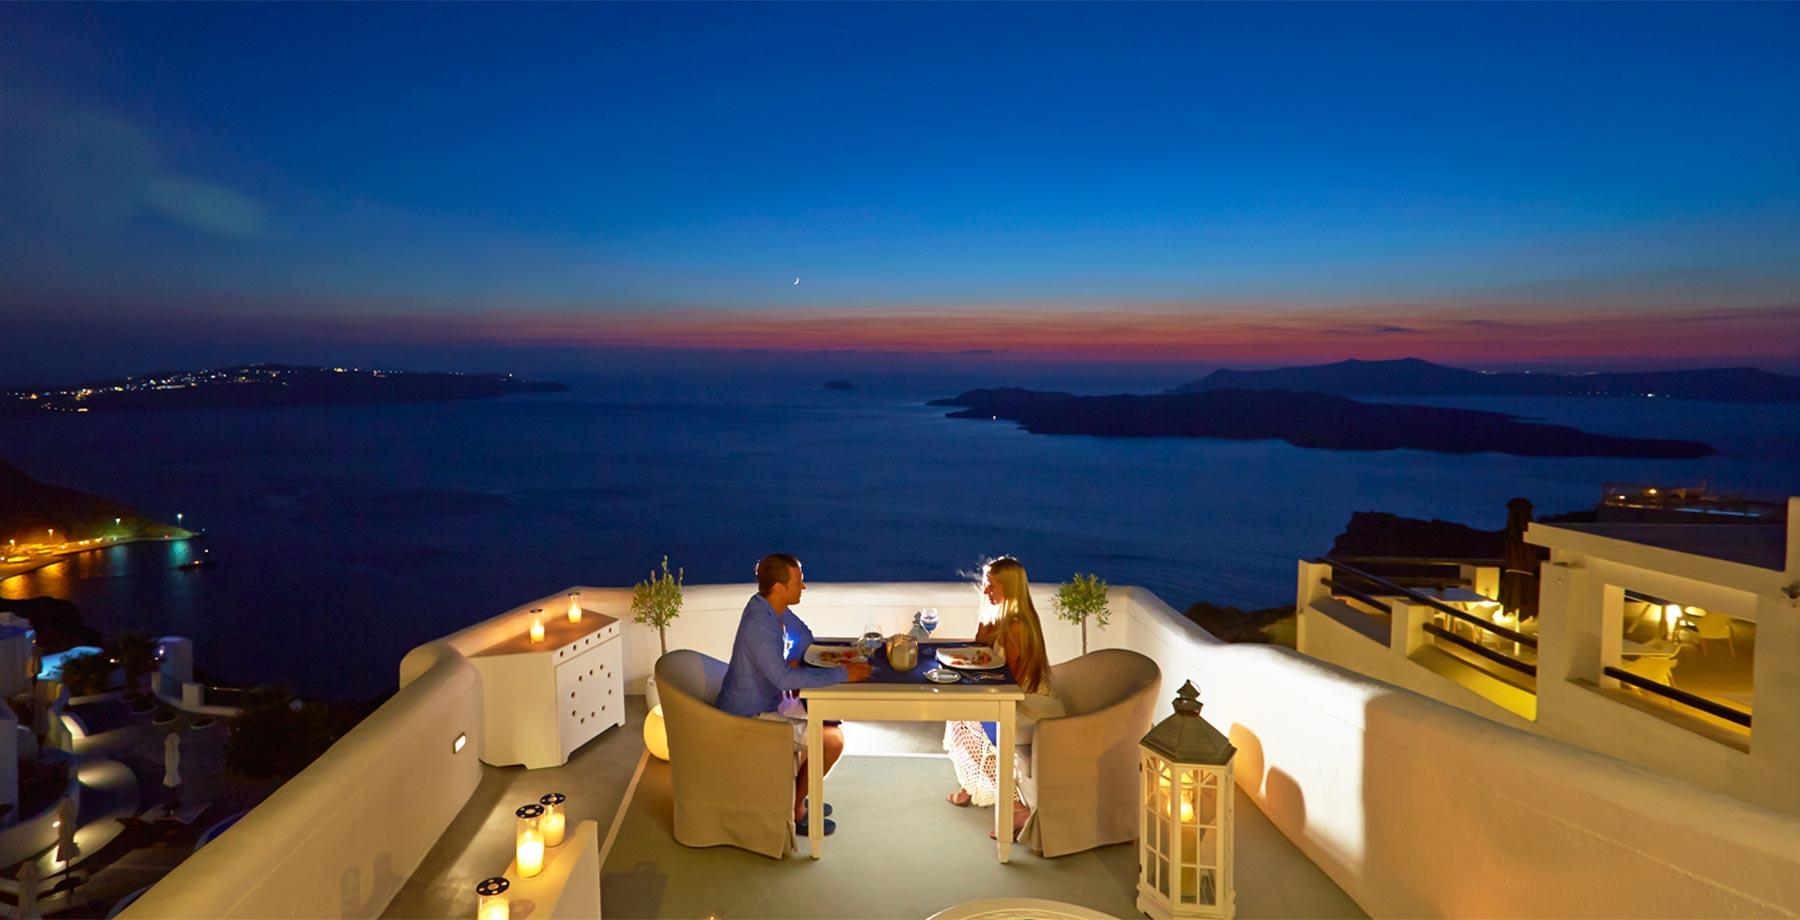 Santorini Hotel Volcano View 5 Star Hotel In Fira Santorini